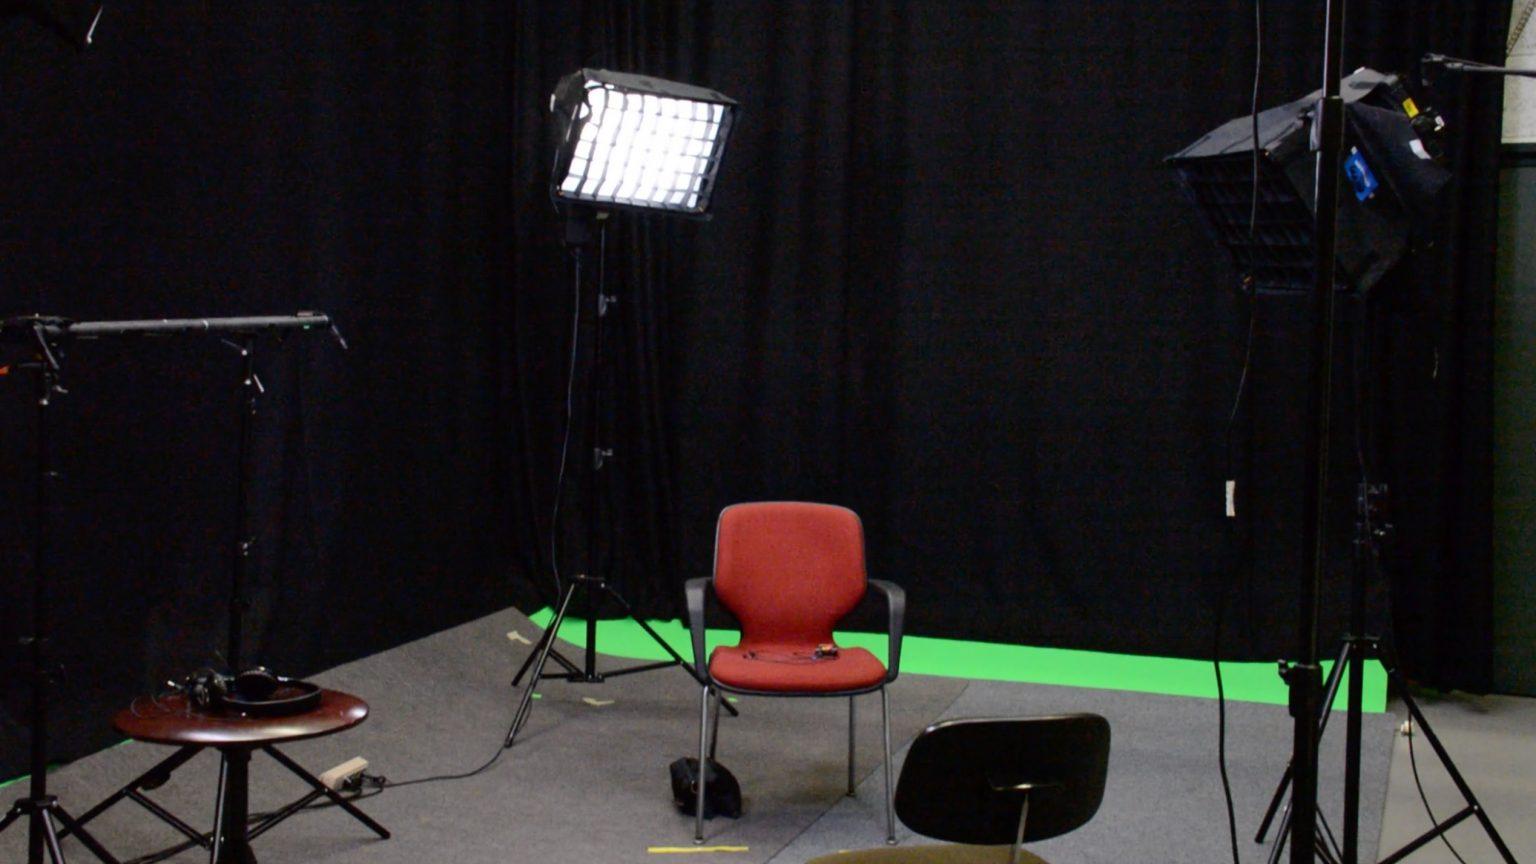 Studio de télévision, Centre Est, EPFL (photo Constantin/Wagnières) Dès la planification de l'école, un studio de télévision est prévu dans le Centre Est, encore utilisé aujourd'hui.